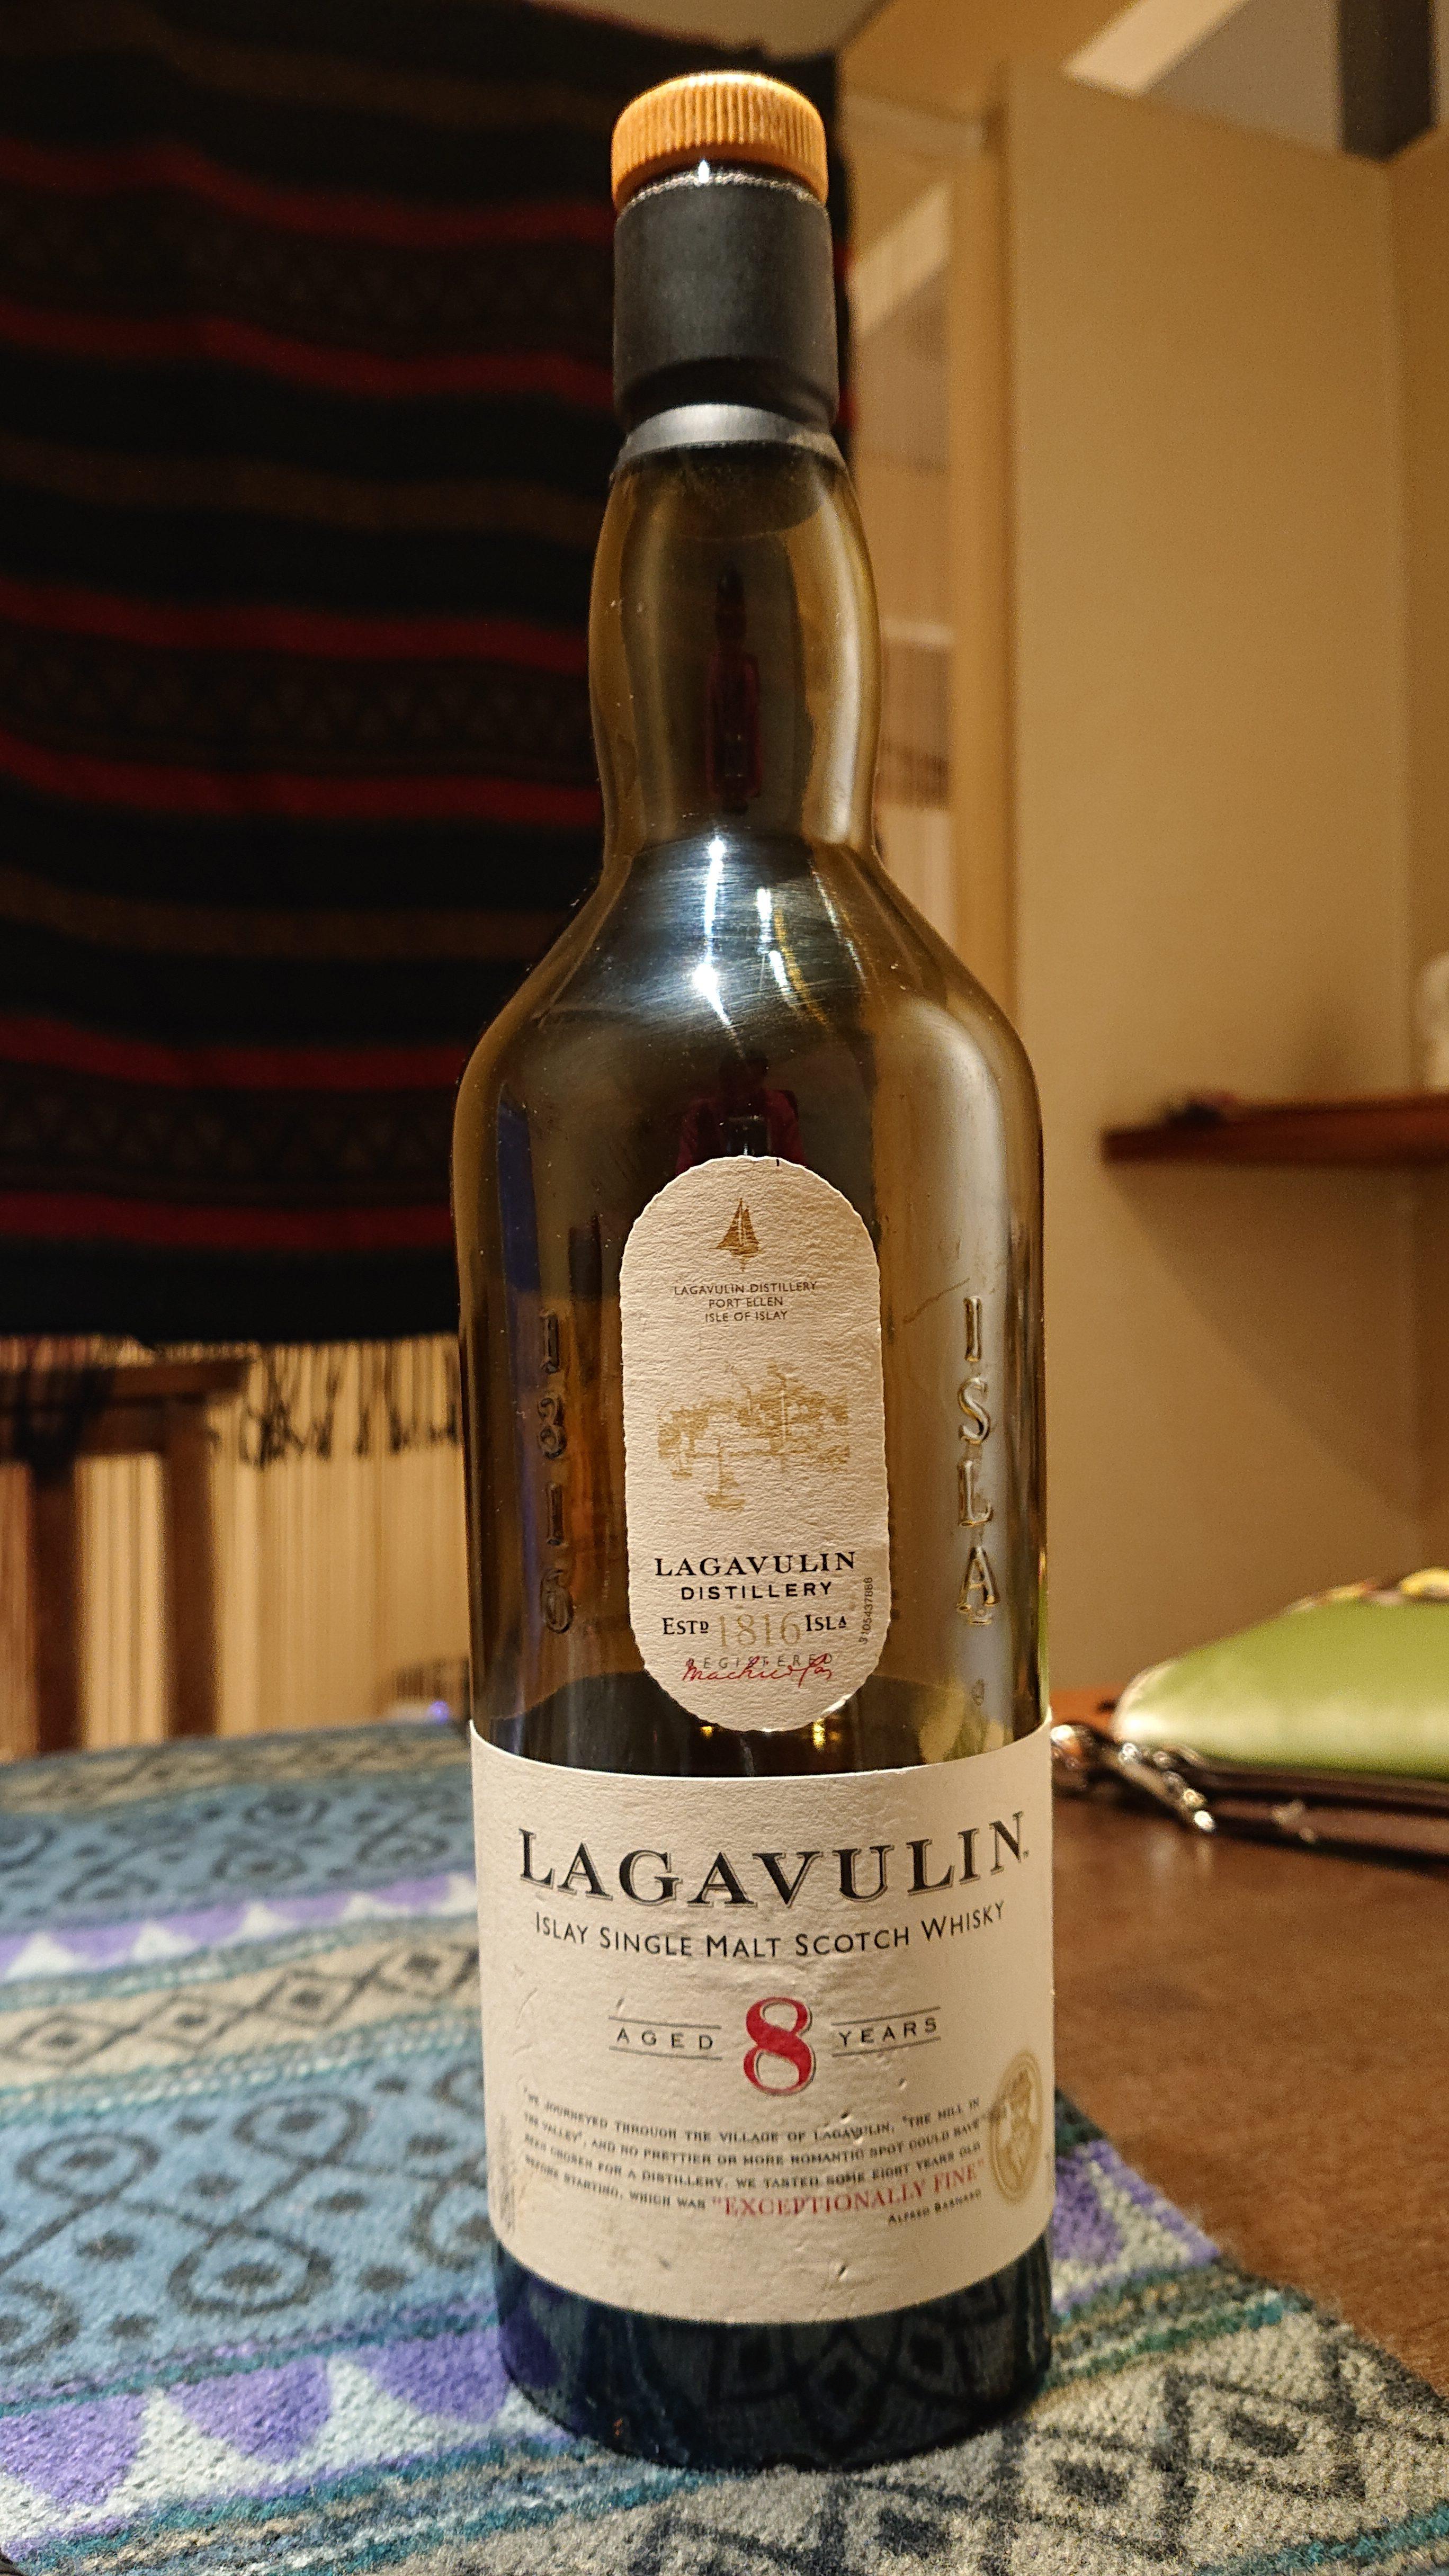 ラガヴーリン8年のテイスティング・アイラの巨人、16年モノ以上のヴィヴィッドな濃縮果汁ウィスキー